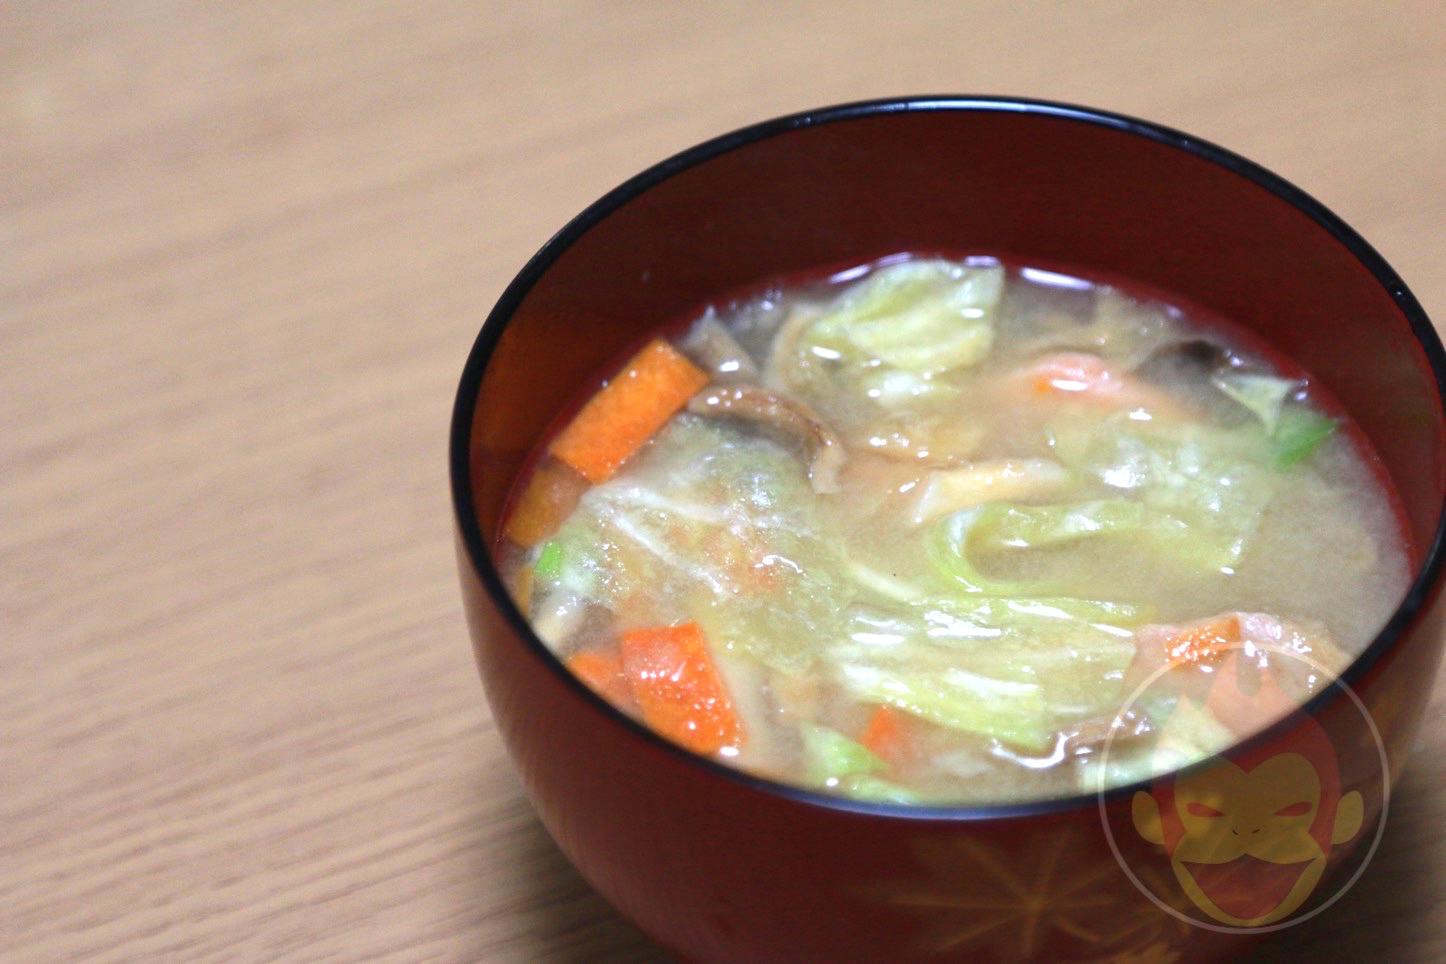 アマノフーズの味噌汁(具だくさん汁)